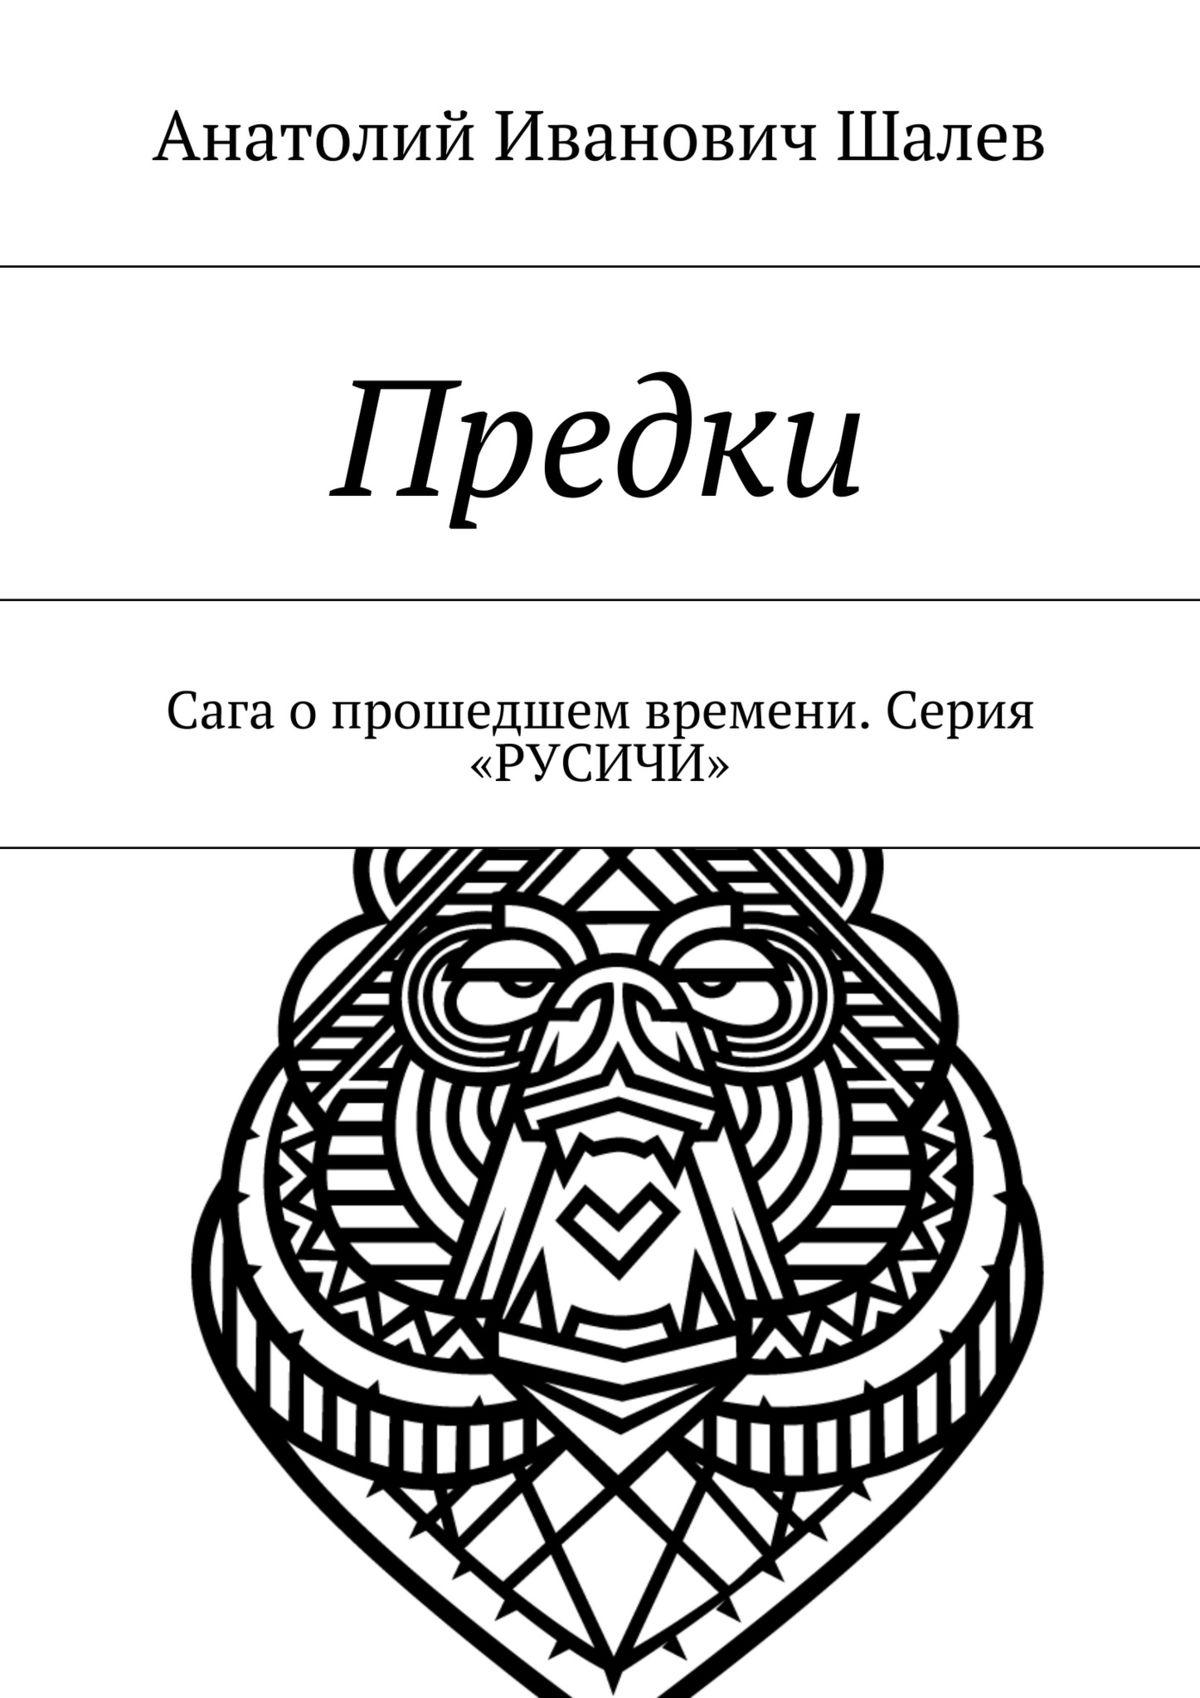 Анатолий Иванович Шалев Предки николай оганесов анатолий мацаков лицо в кадре